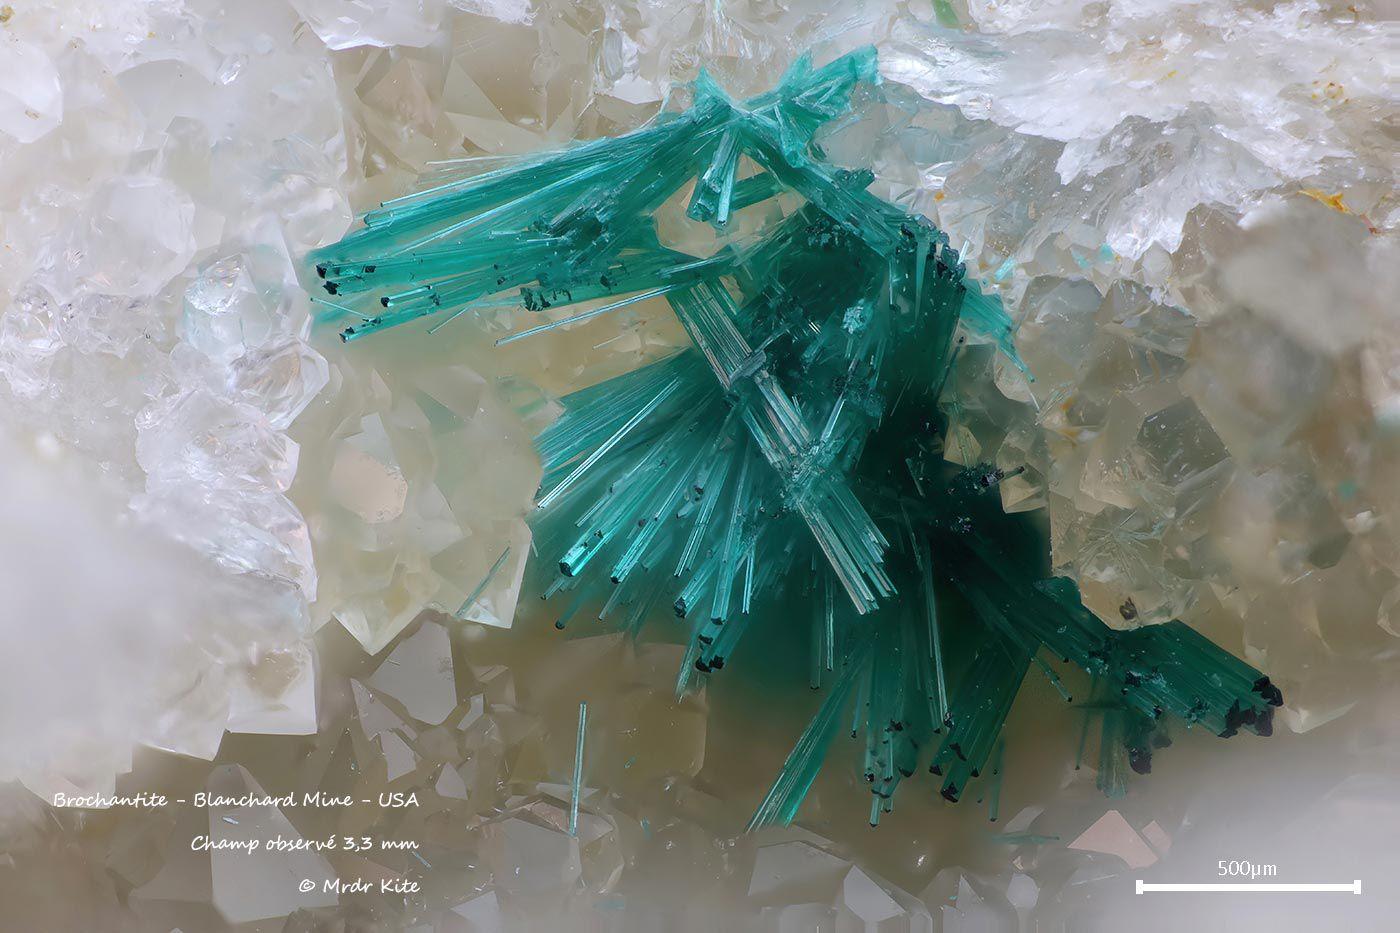 Contient du sulfate de cuivre hydraté